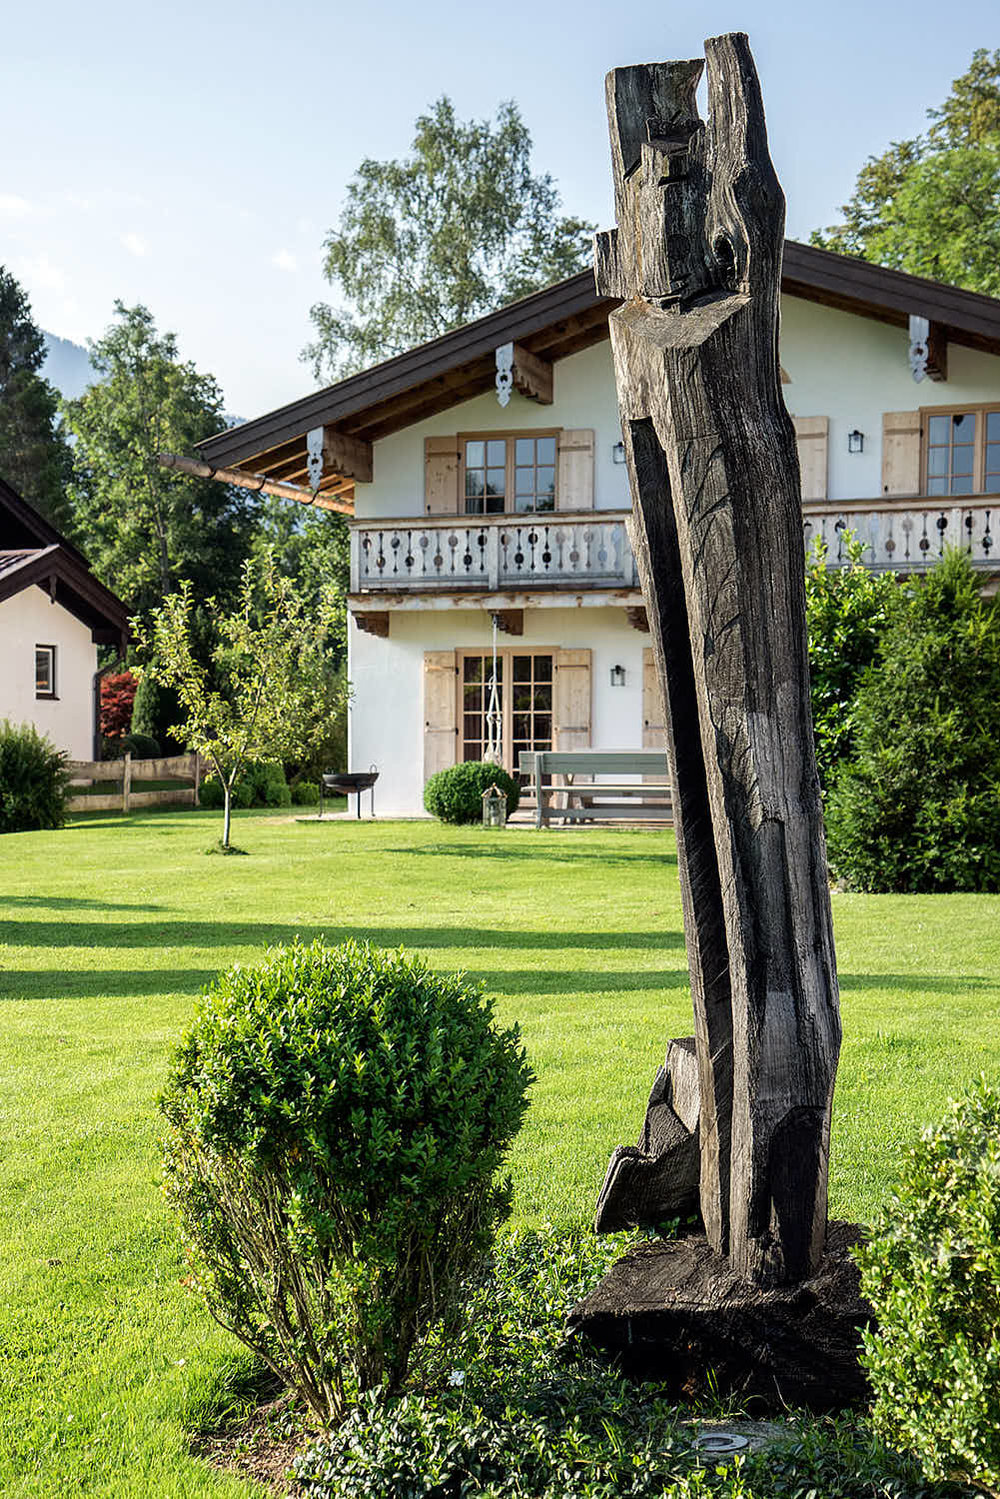 Epp-Gartenbau-Holz-Zaeune-Terassen-25.jpg